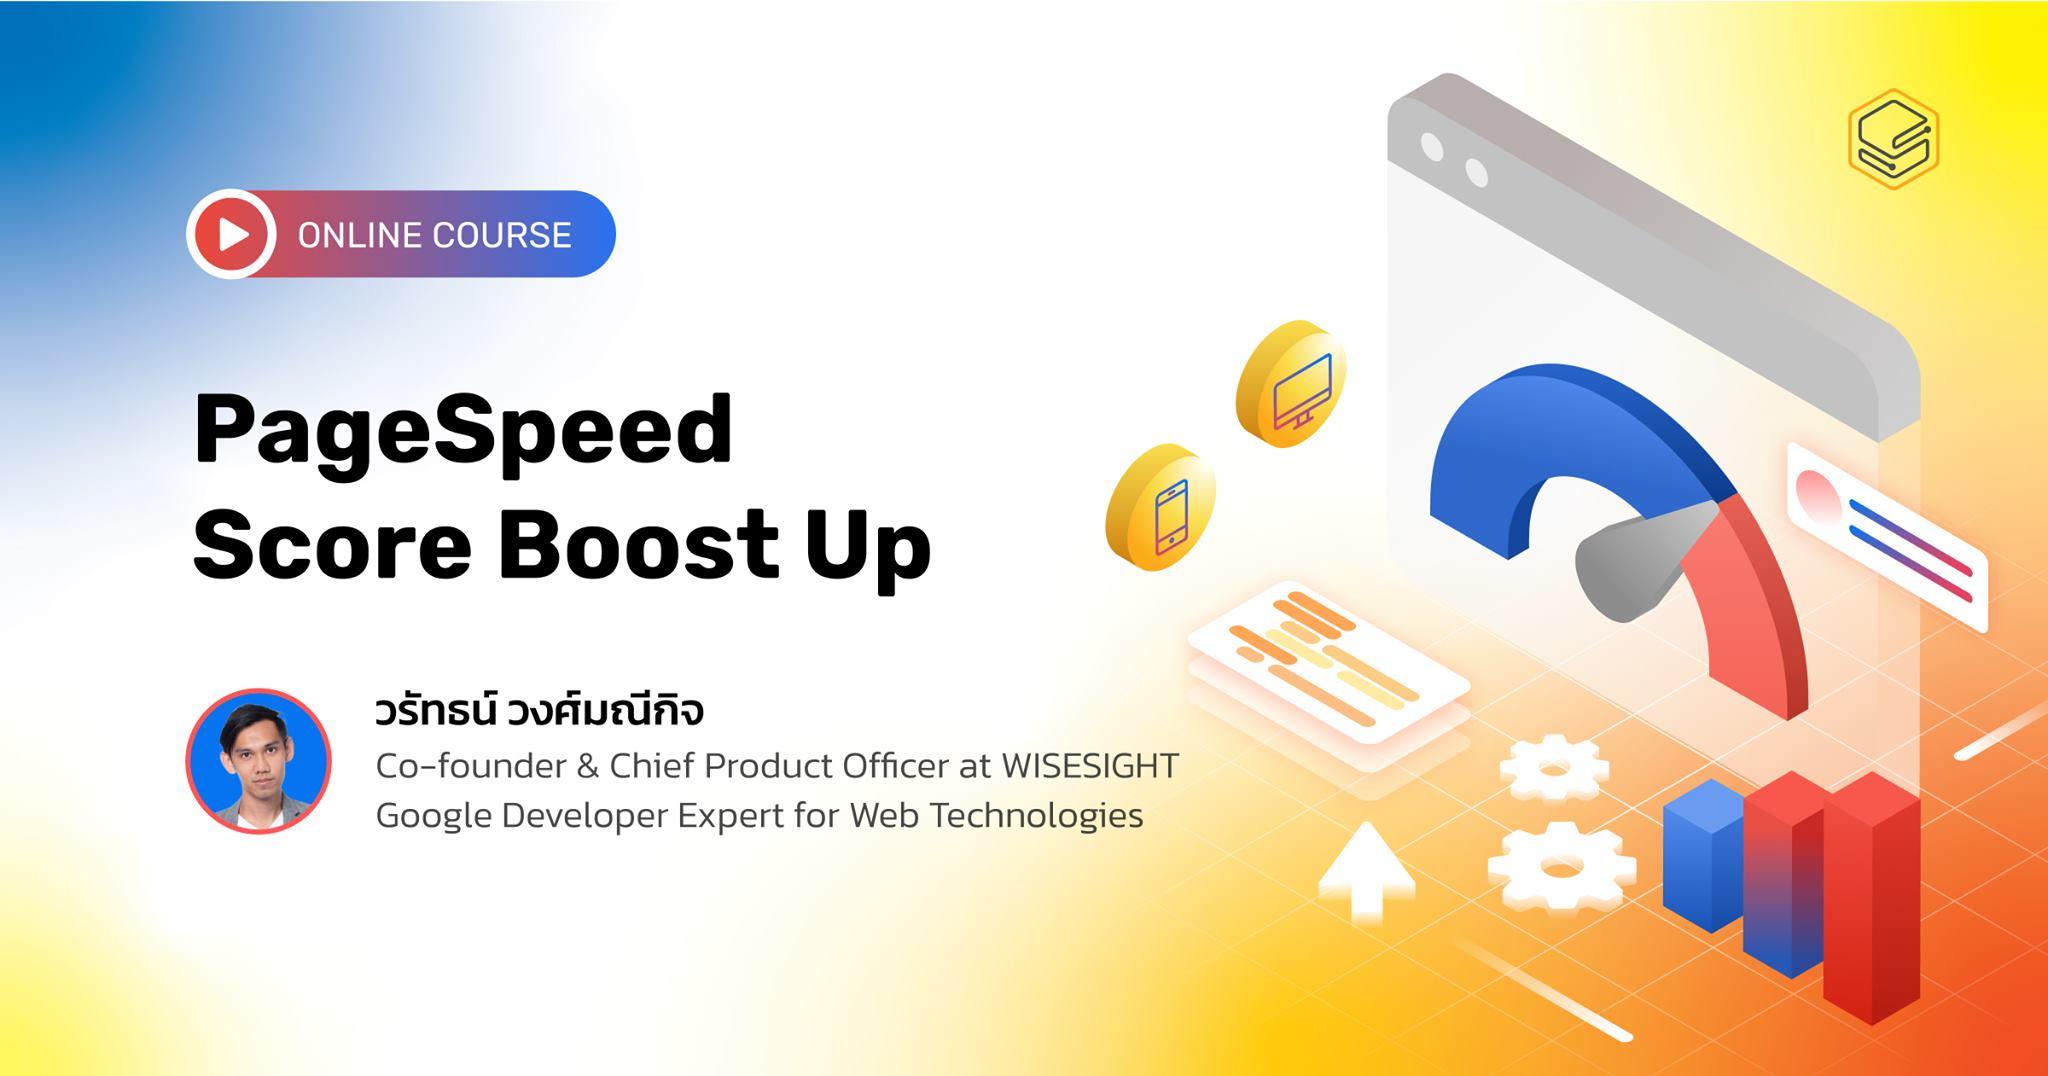 ลดระยะเวลาการโหลด website ฉบับผู้เชี่ยวชาญตัวจริง | Skooldio Online Course: PageSpeed Score Boost Up